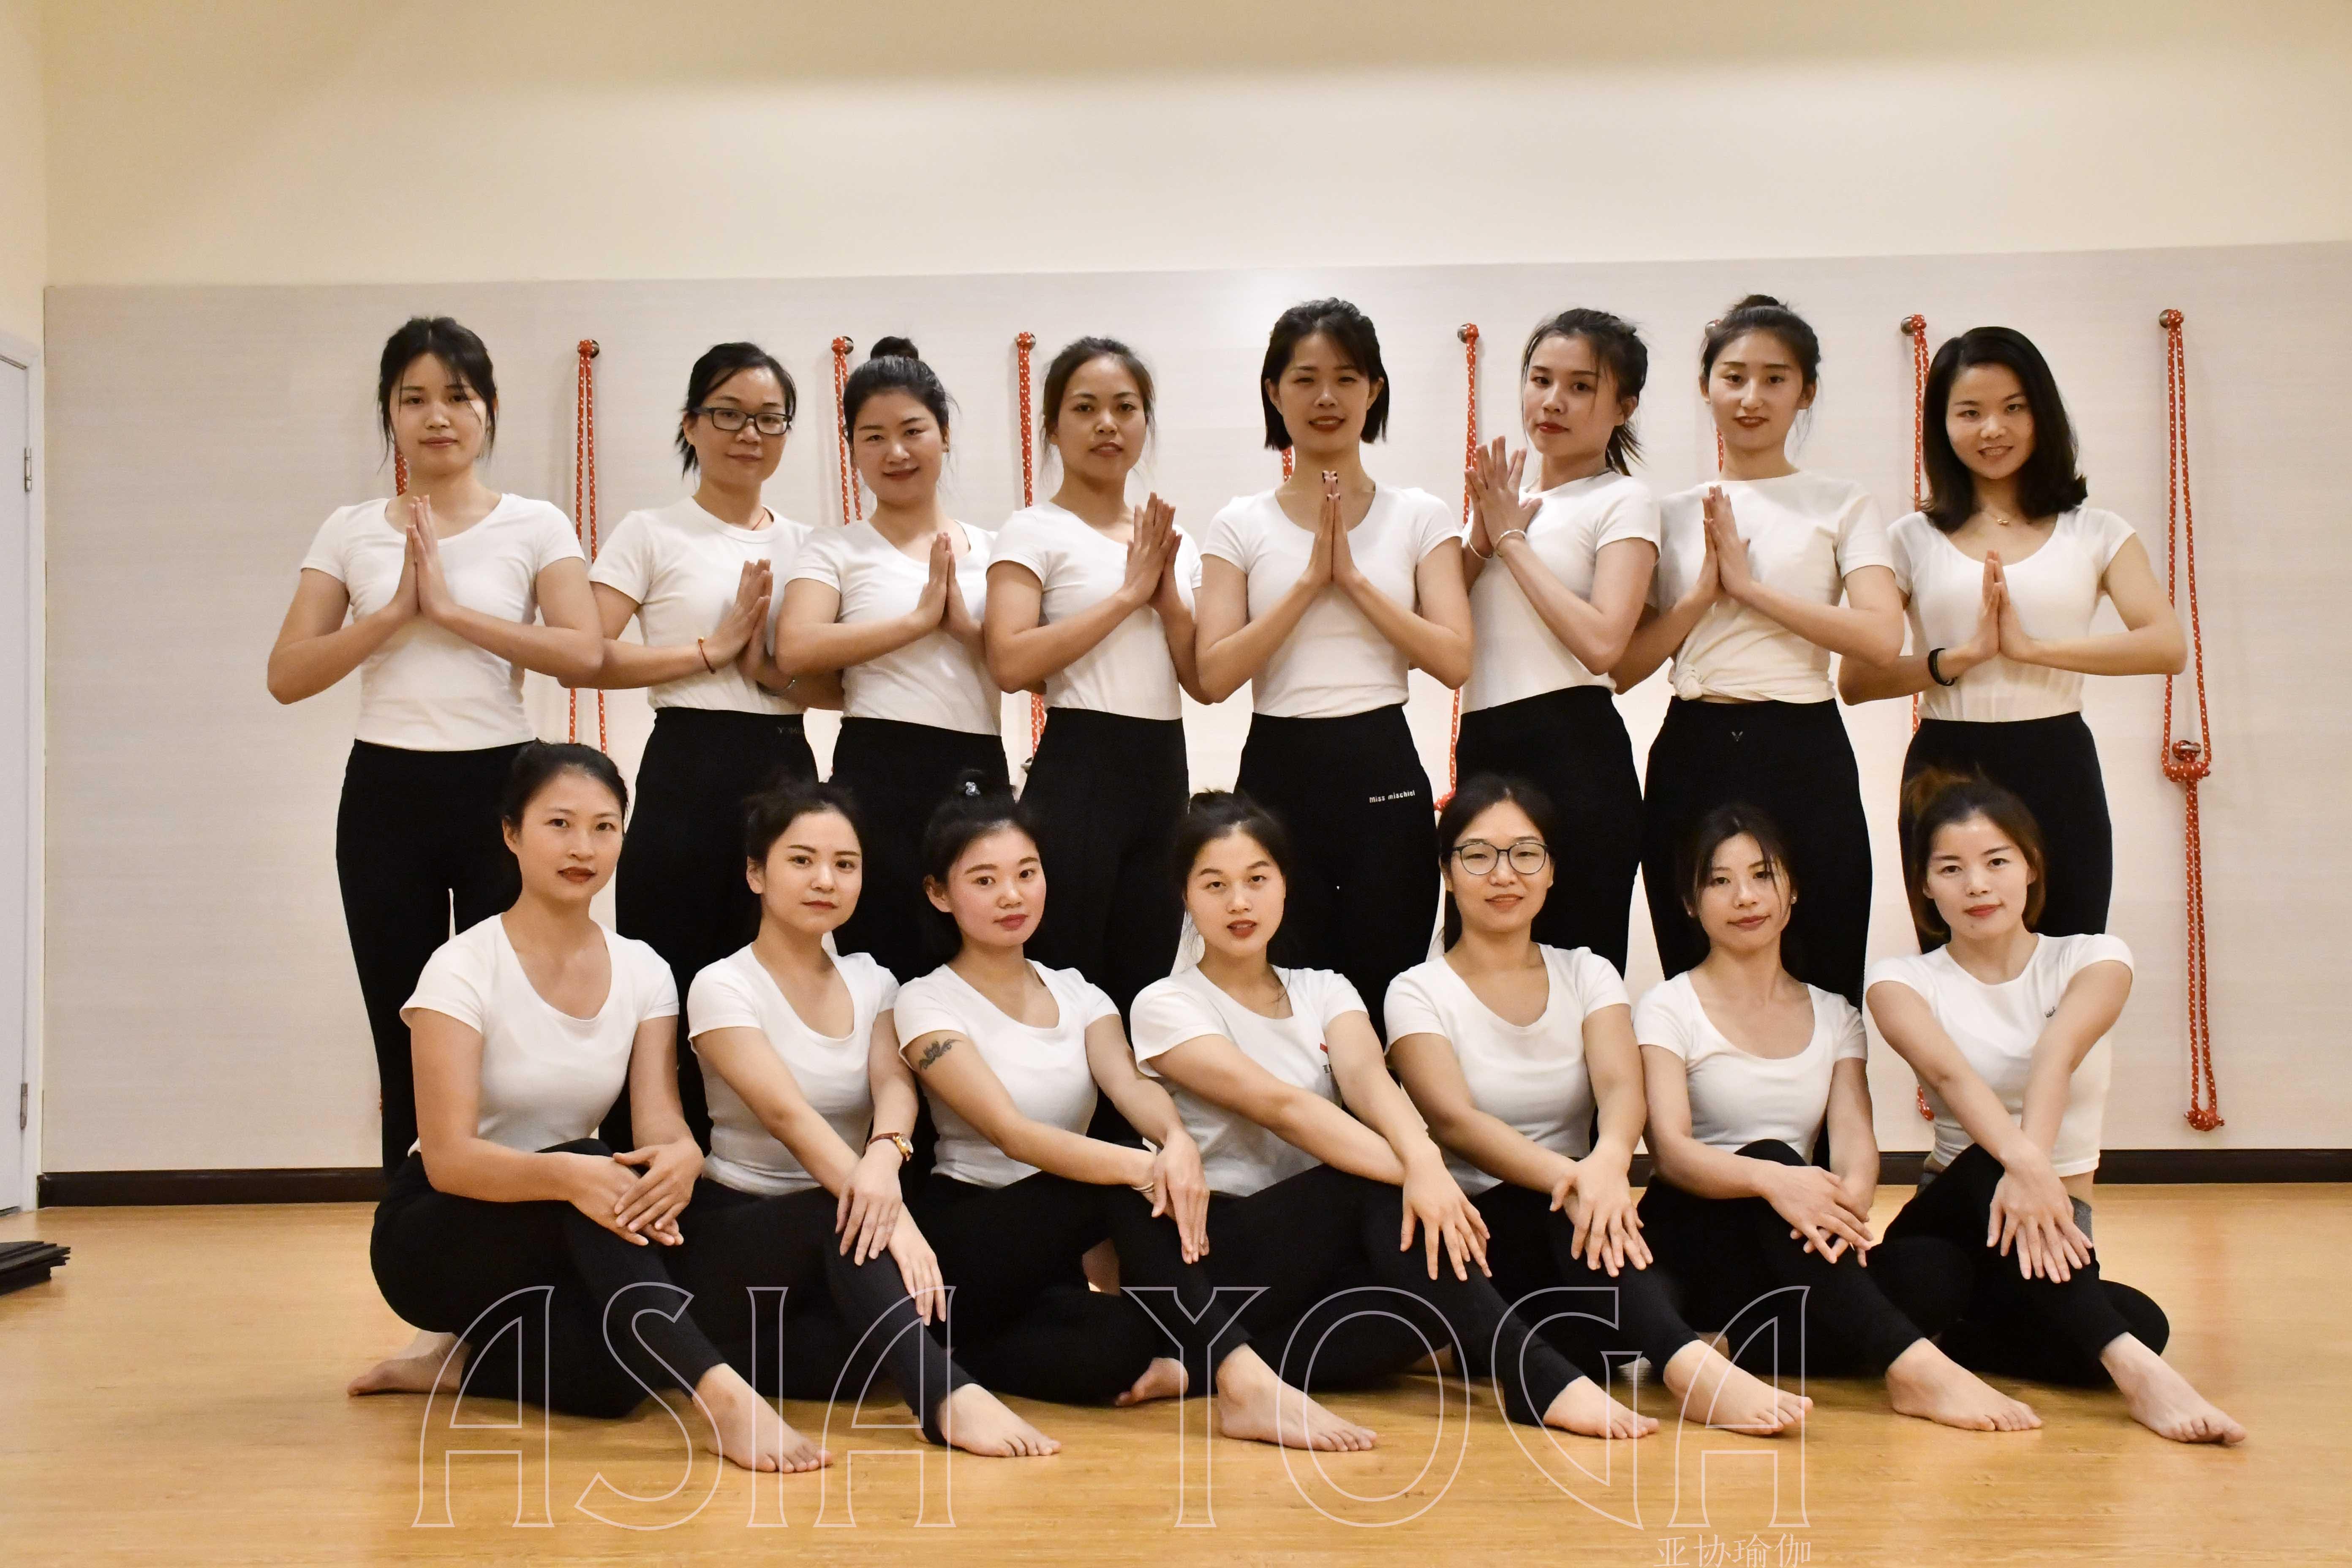 深圳亚协瑜伽第217届瑜伽教练培训晚班毕业啦!